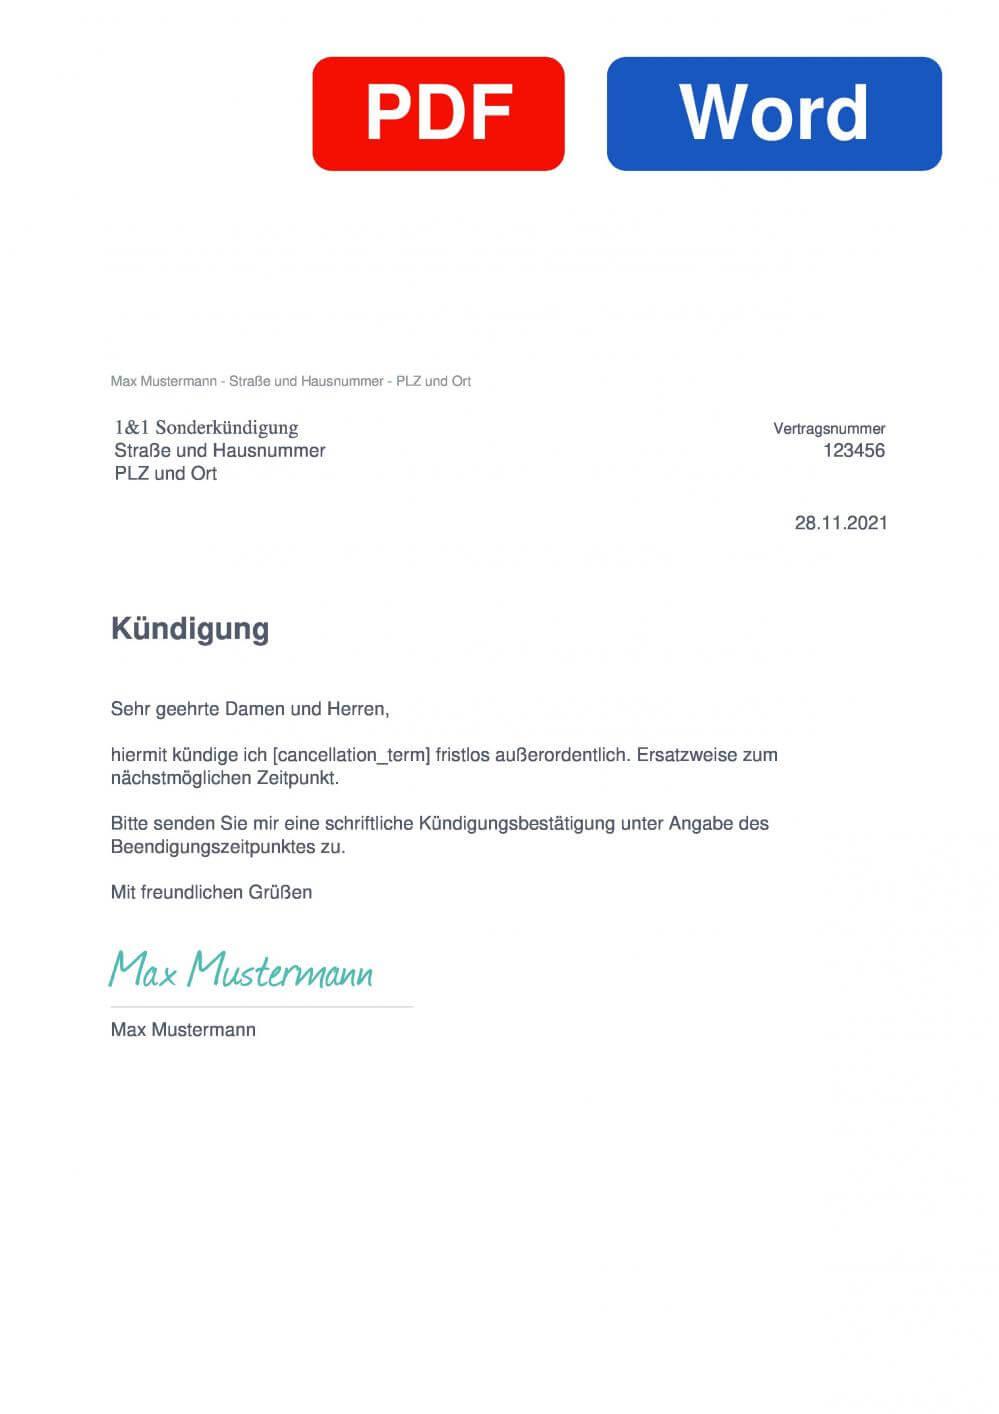 1&1 Sonderkündigung Muster Vorlage für Kündigungsschreiben